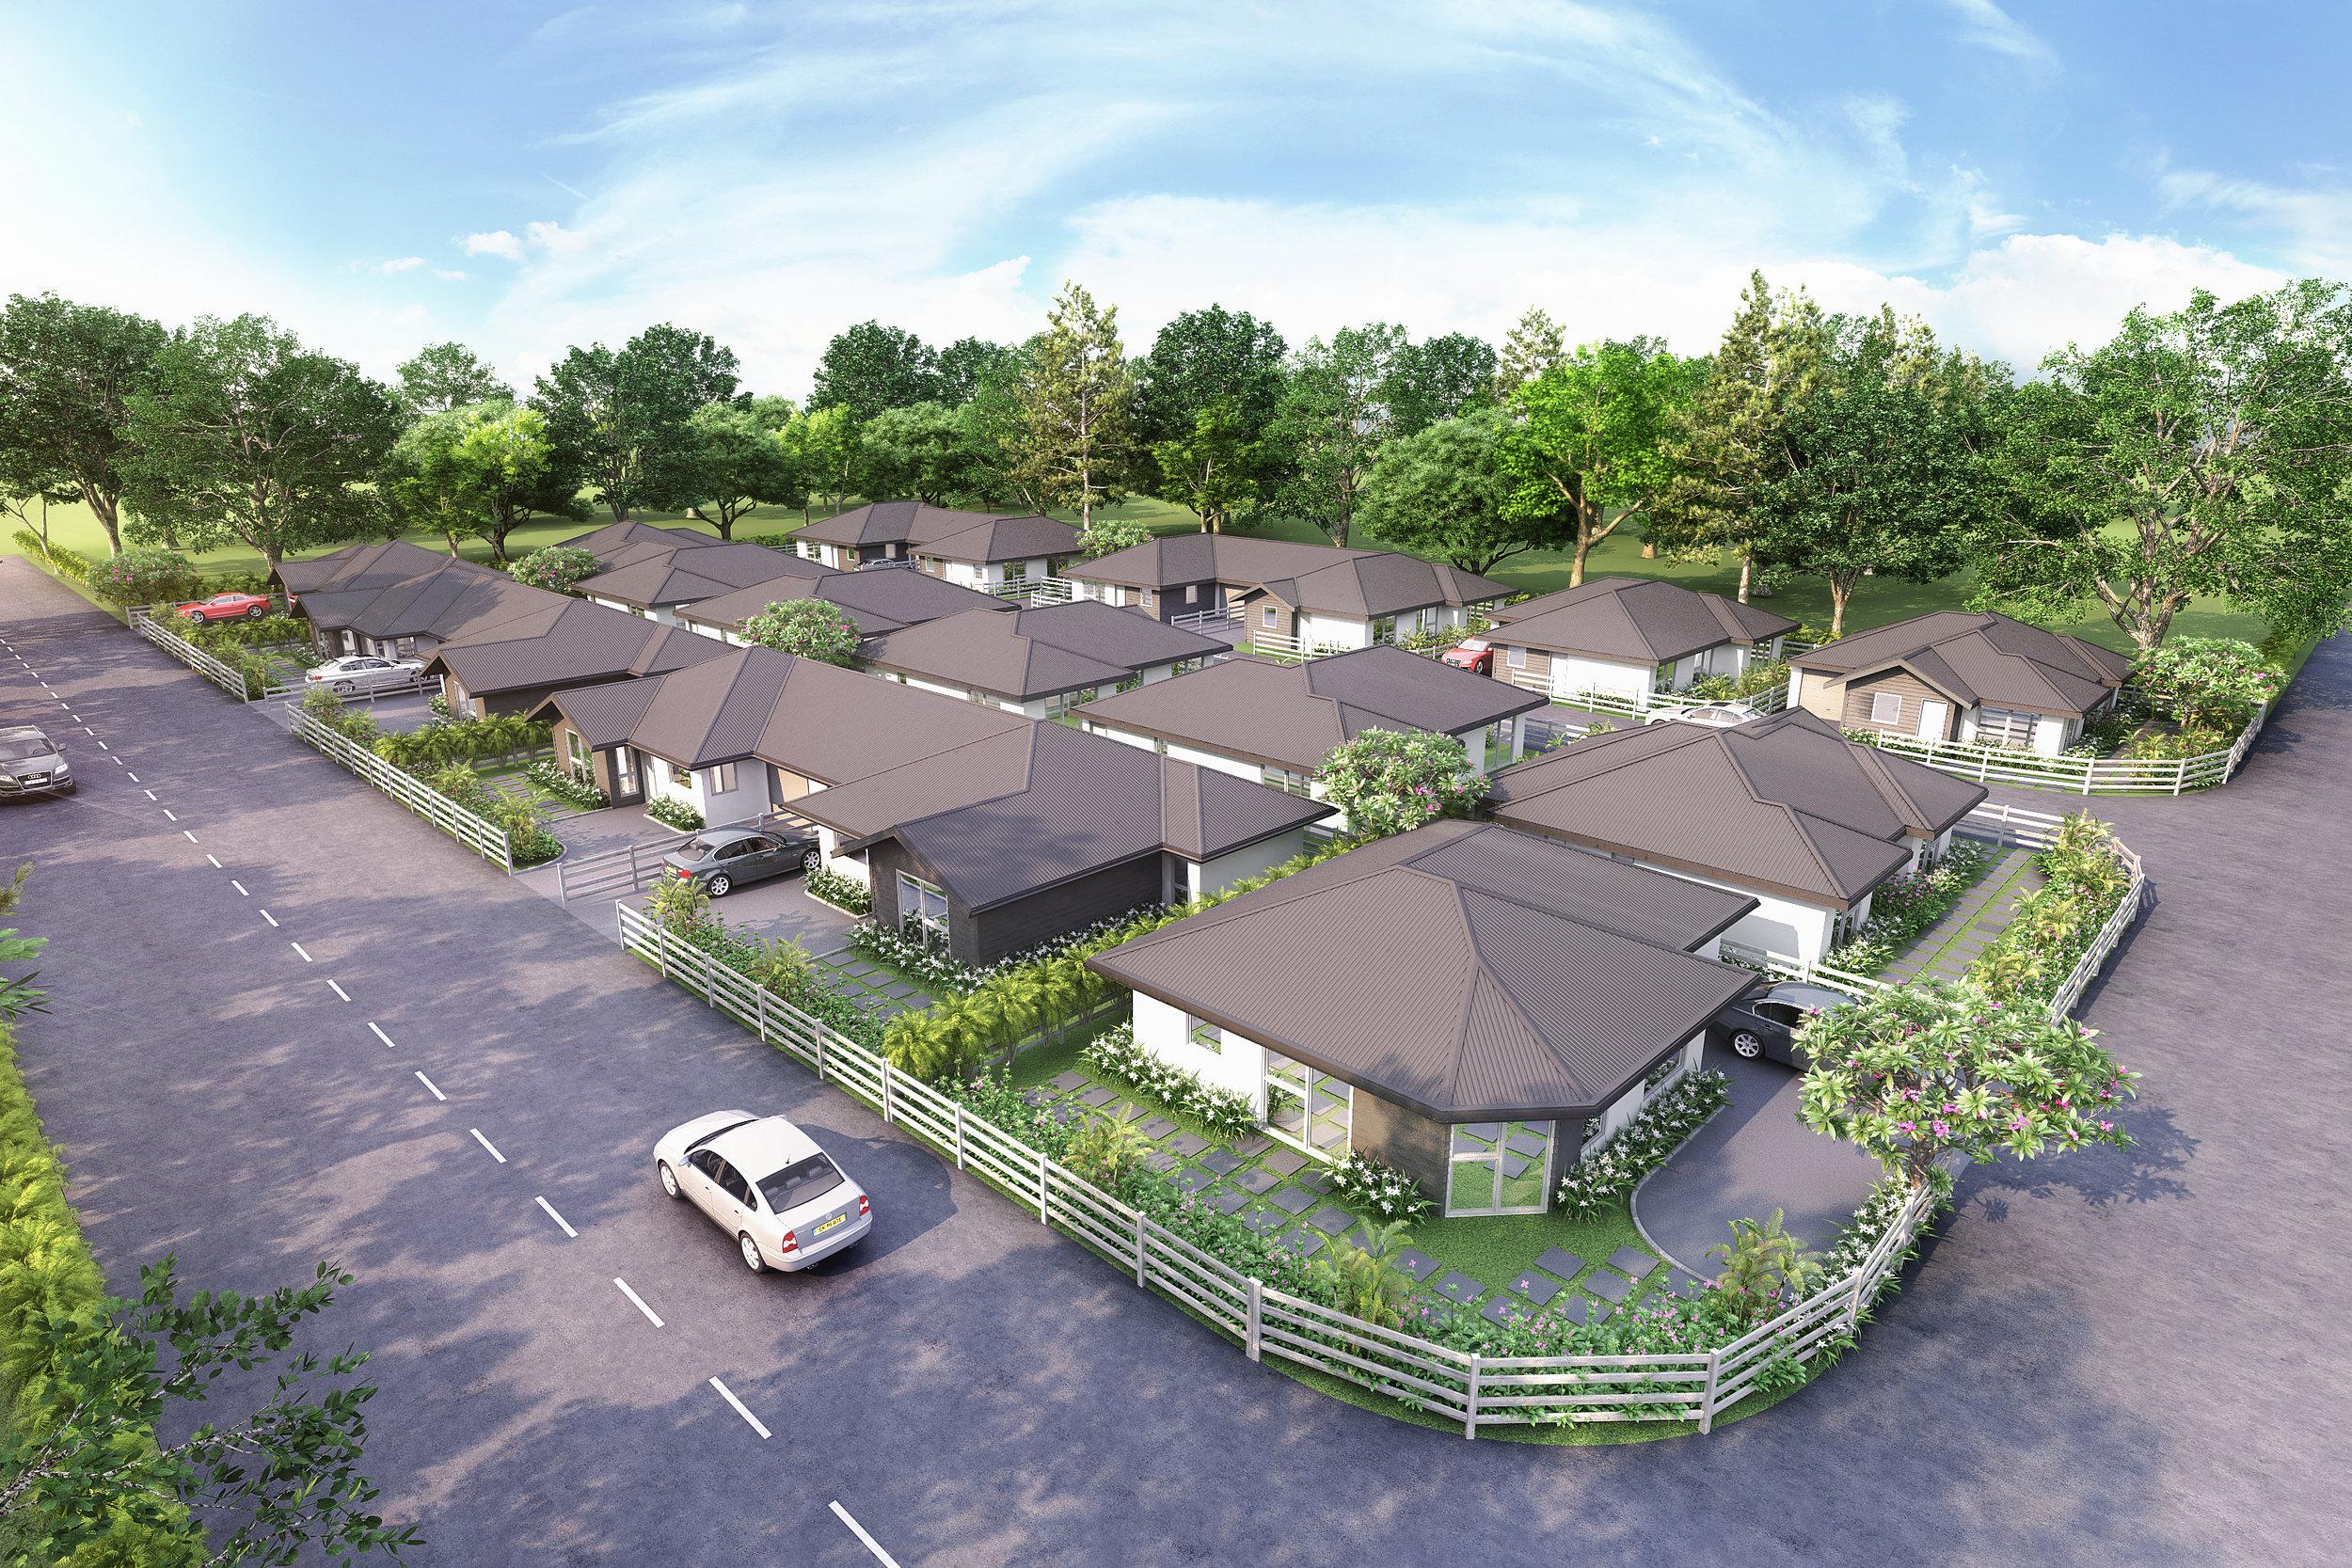 0202_158_Awatea_Road_Units_Aerial_View_CG_B.jpg